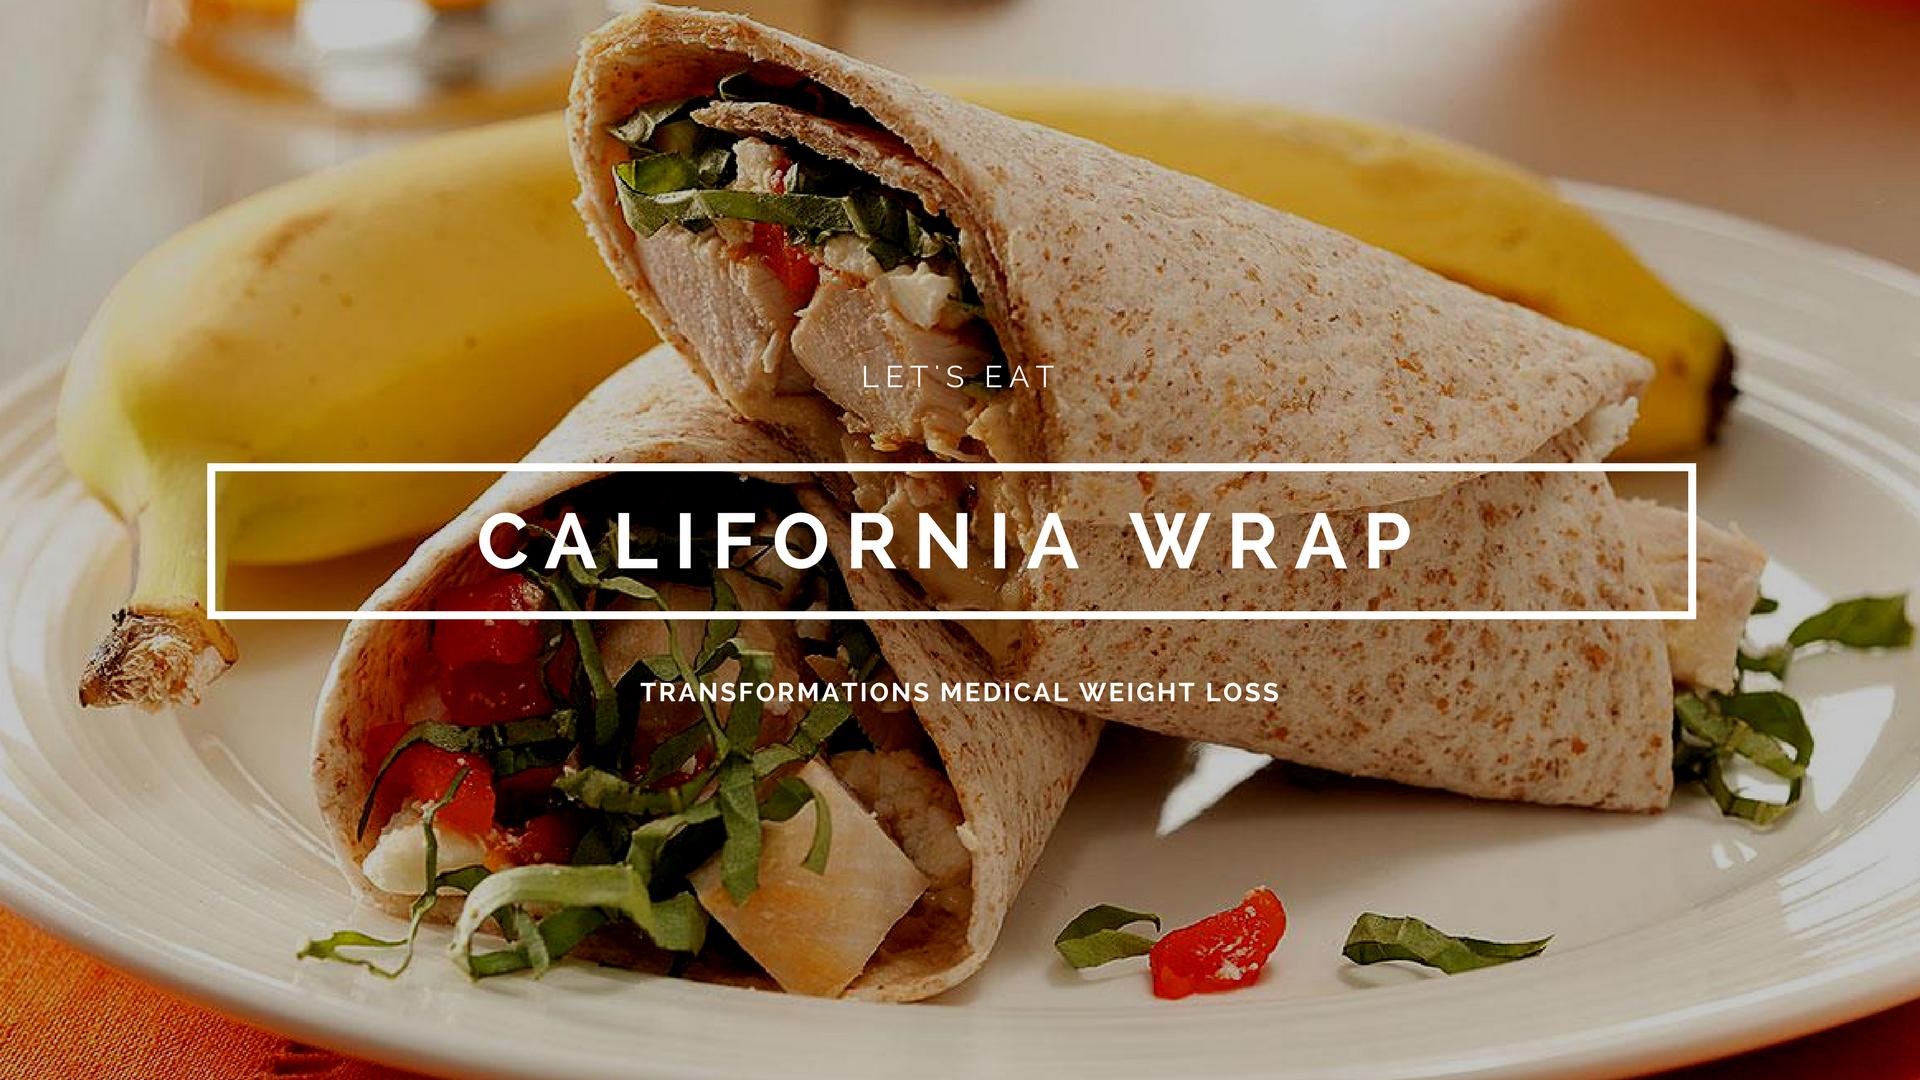 California Wrap